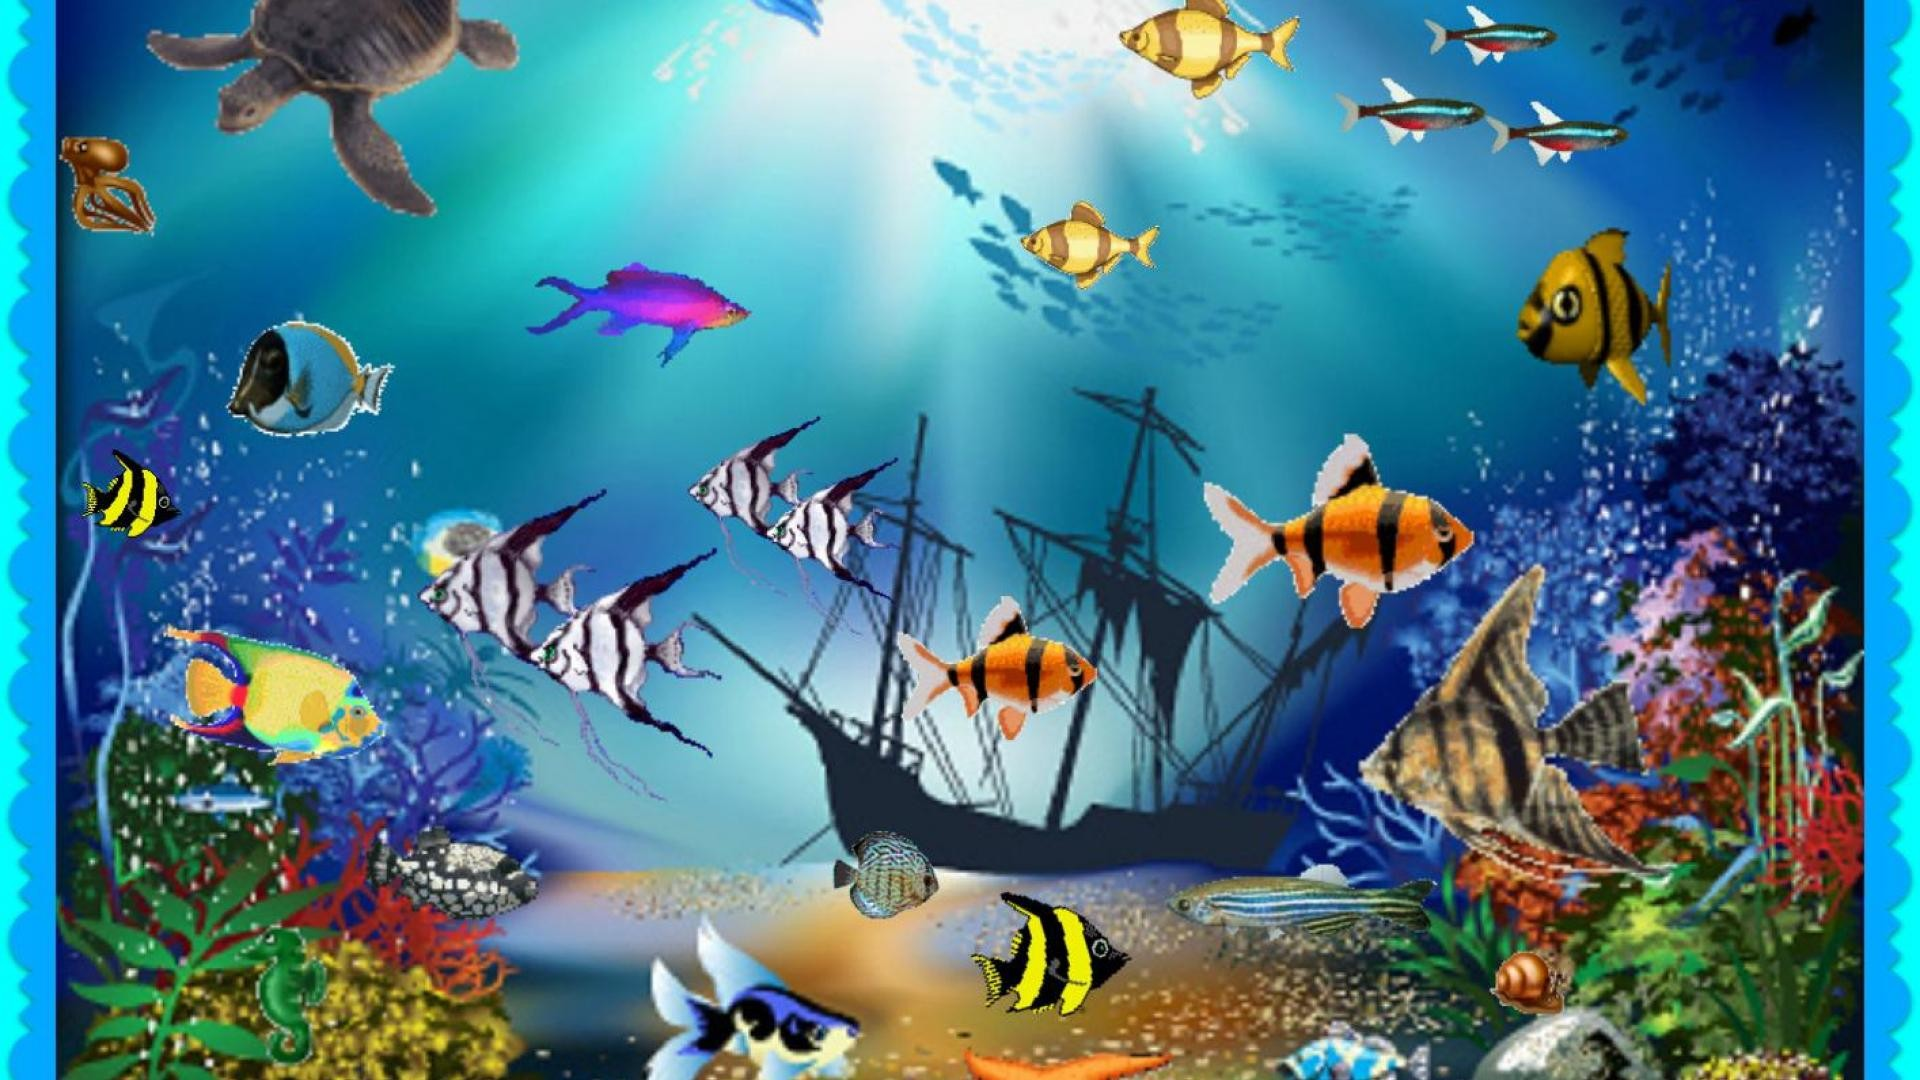 картинка на рабочий стол с двигающимися рыбками